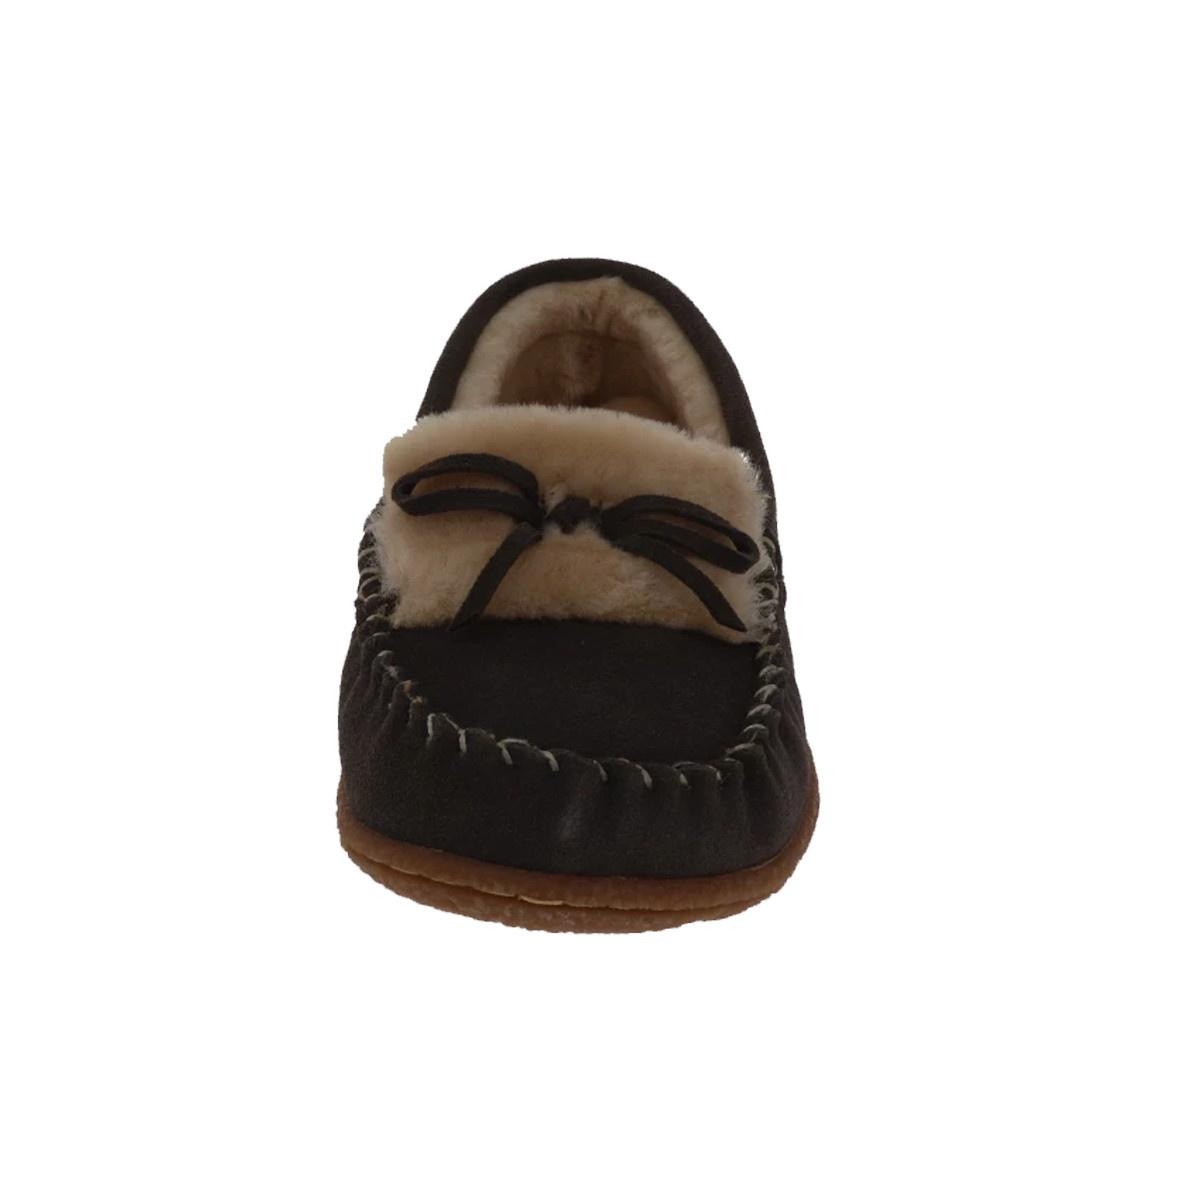 Foamtreads Women's Janis Slippers